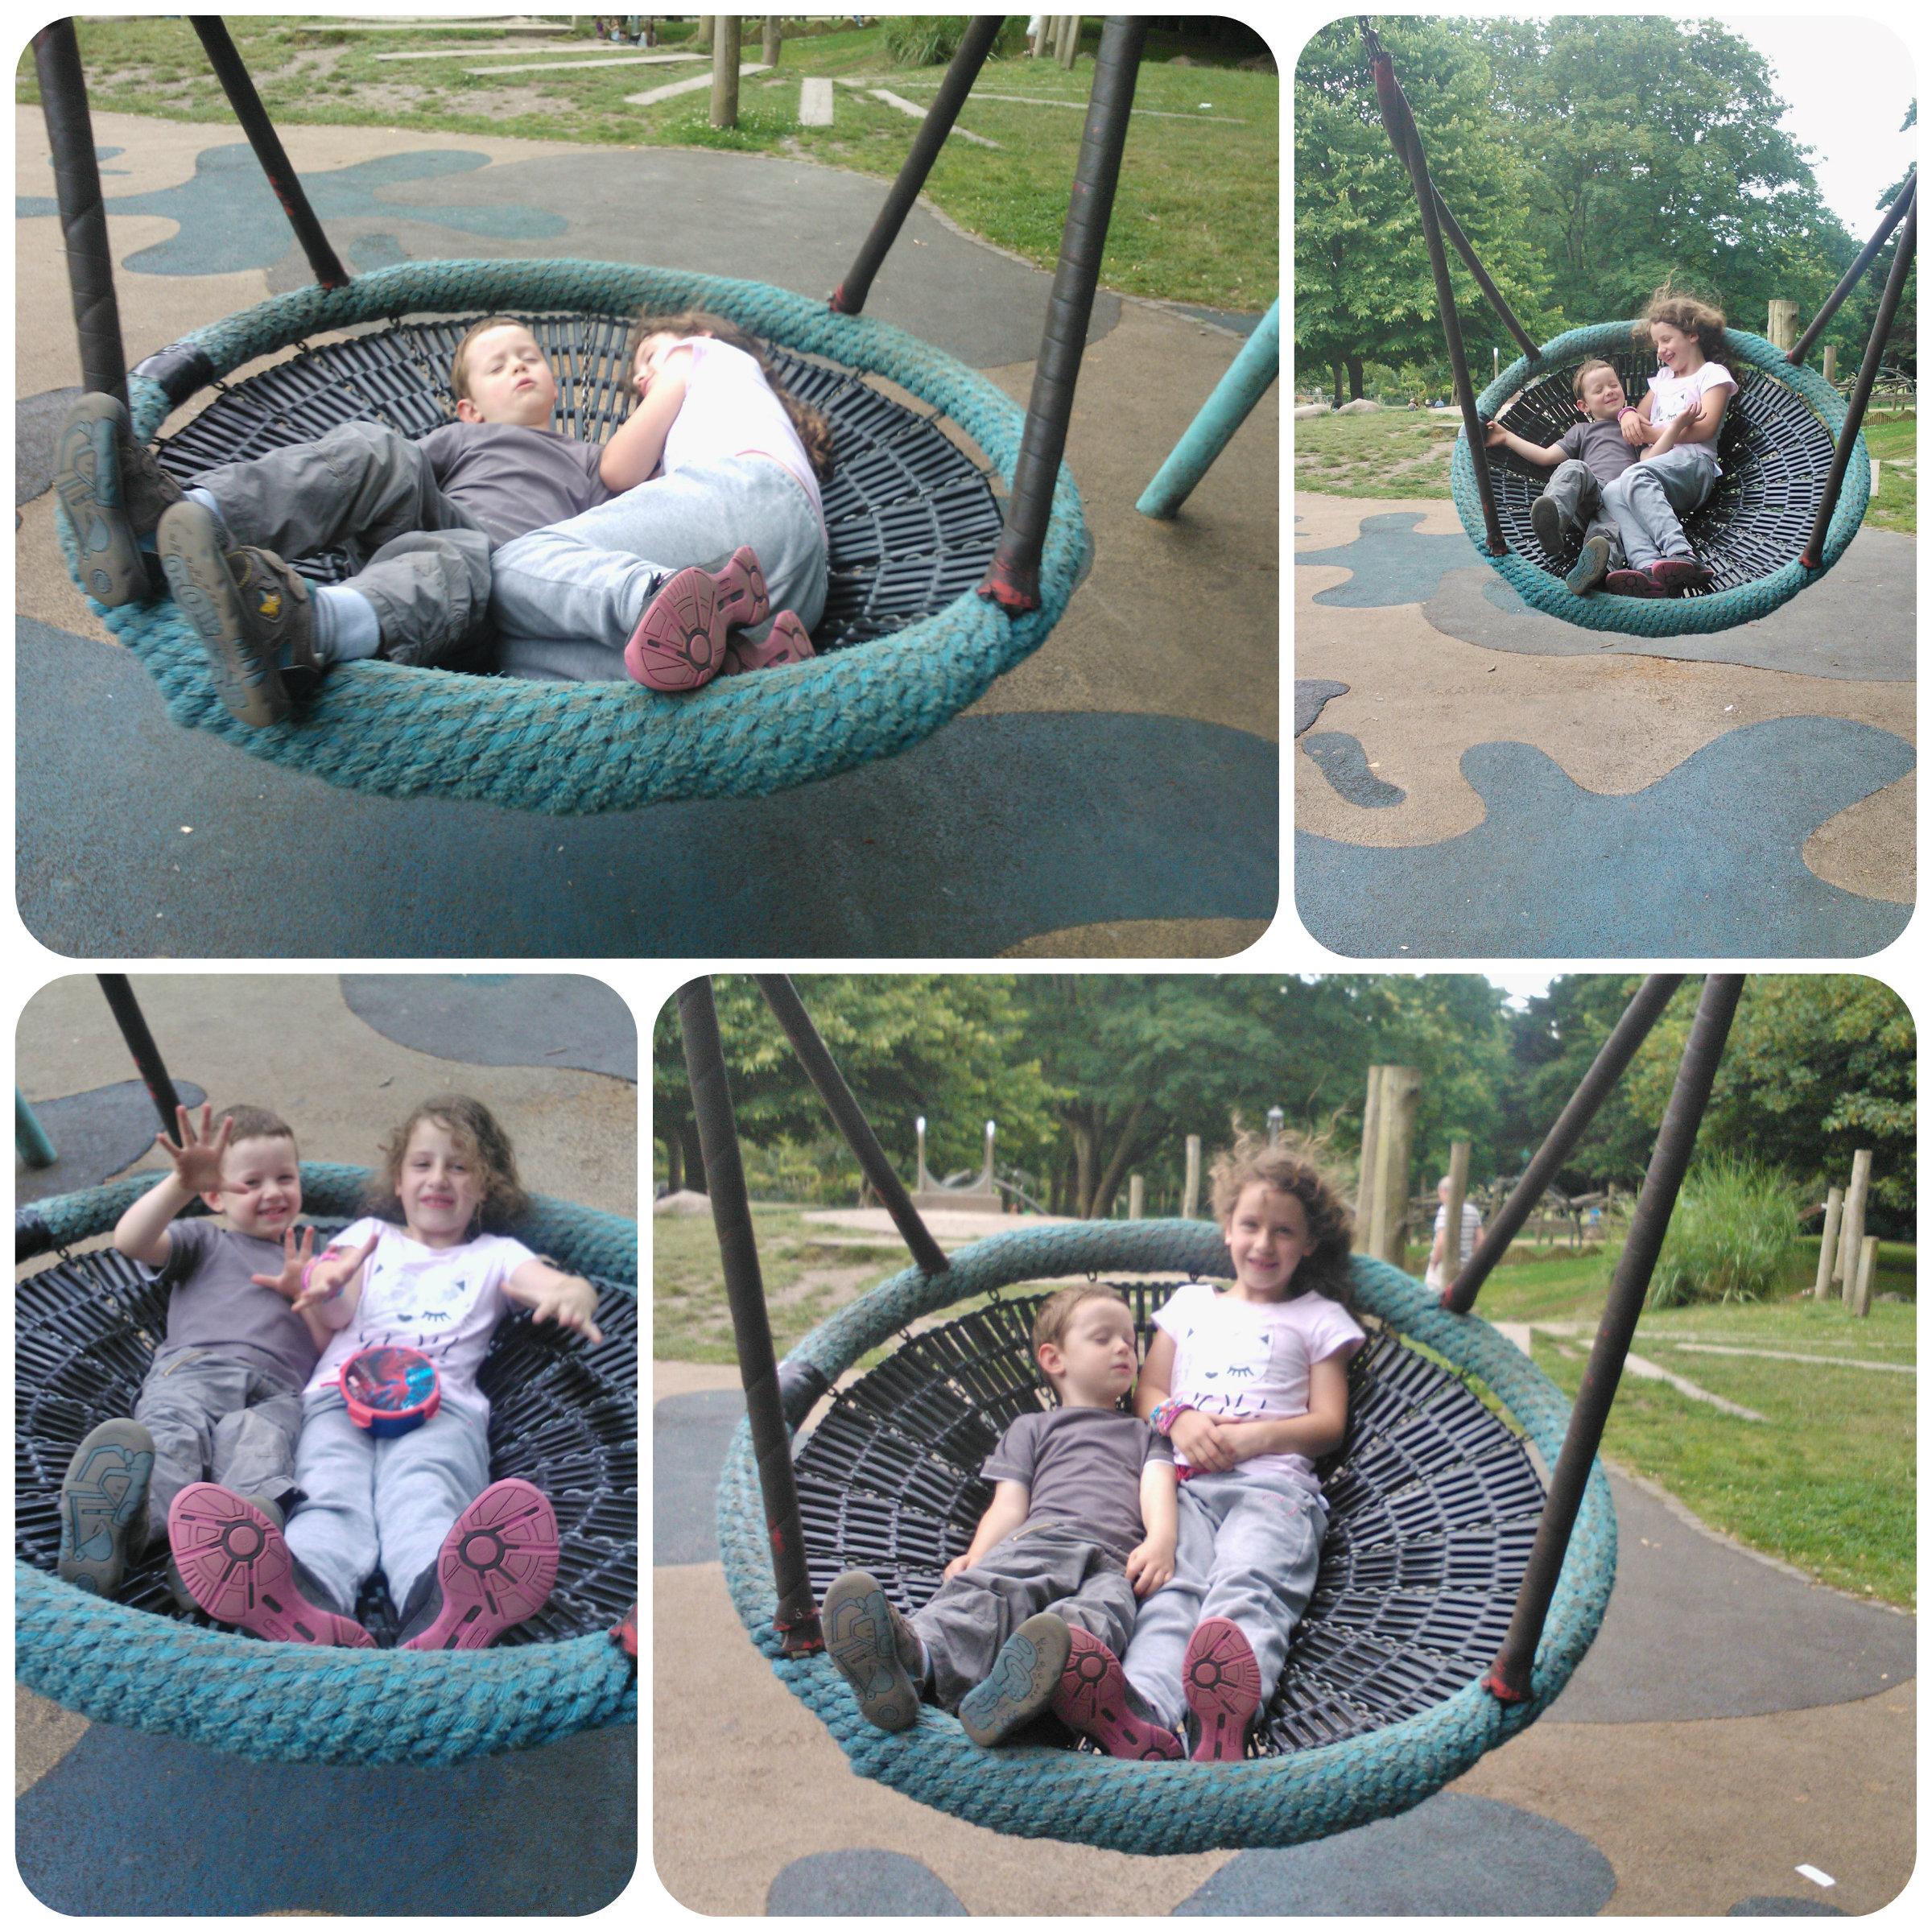 devonport park 2 42 days of Summer fun with BN biscuits